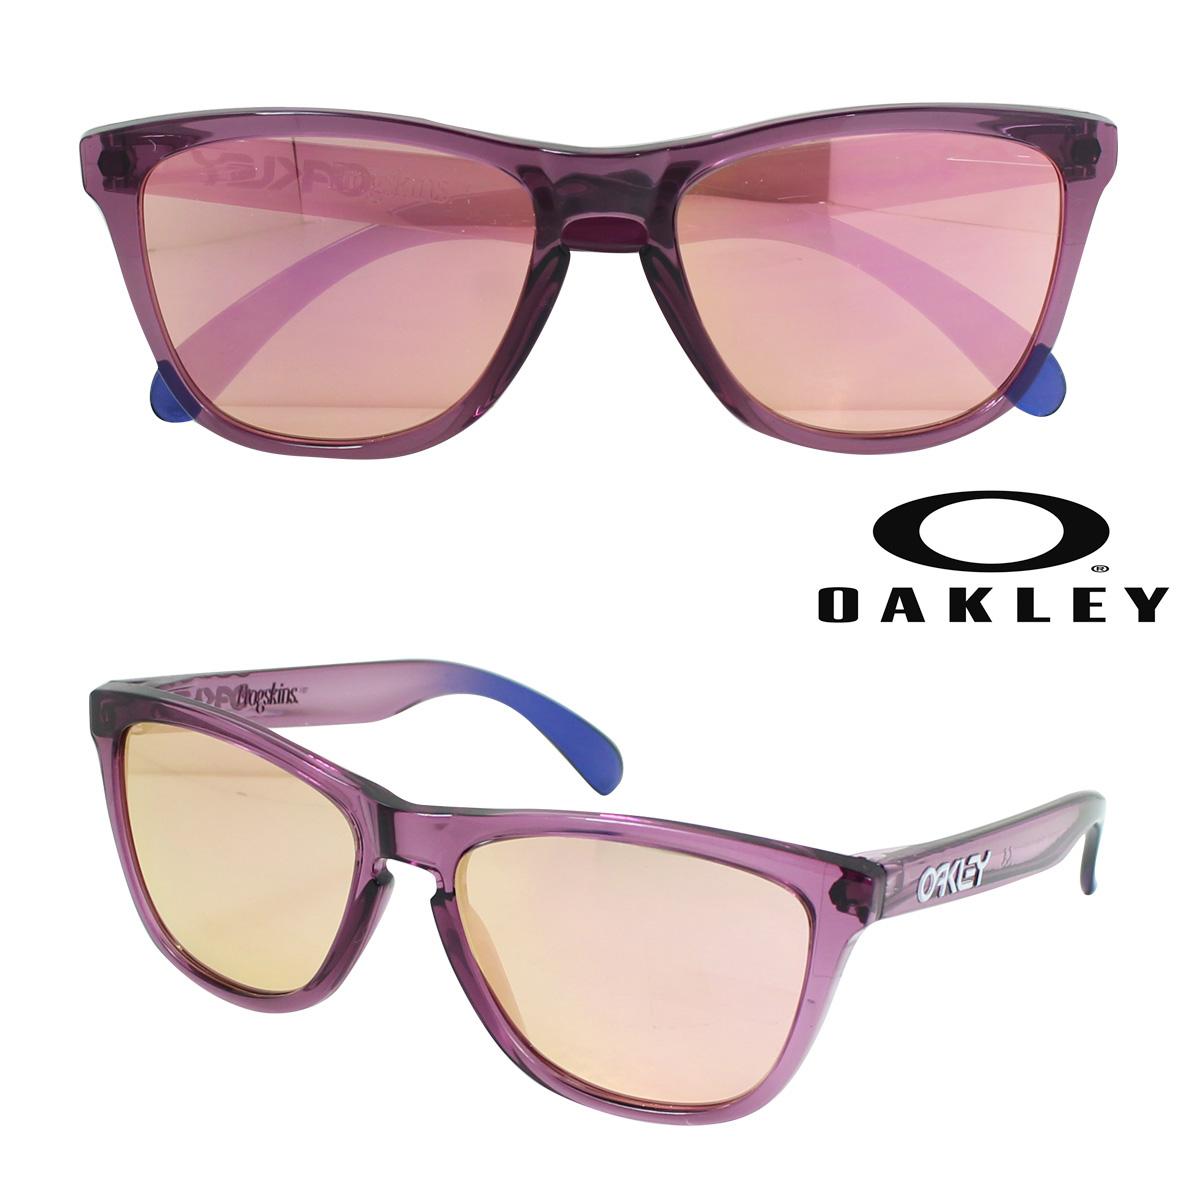 オークリー サングラス Oakley Frogskins フロッグスキン OO9013-73 アルパイングロー メンズ レディース